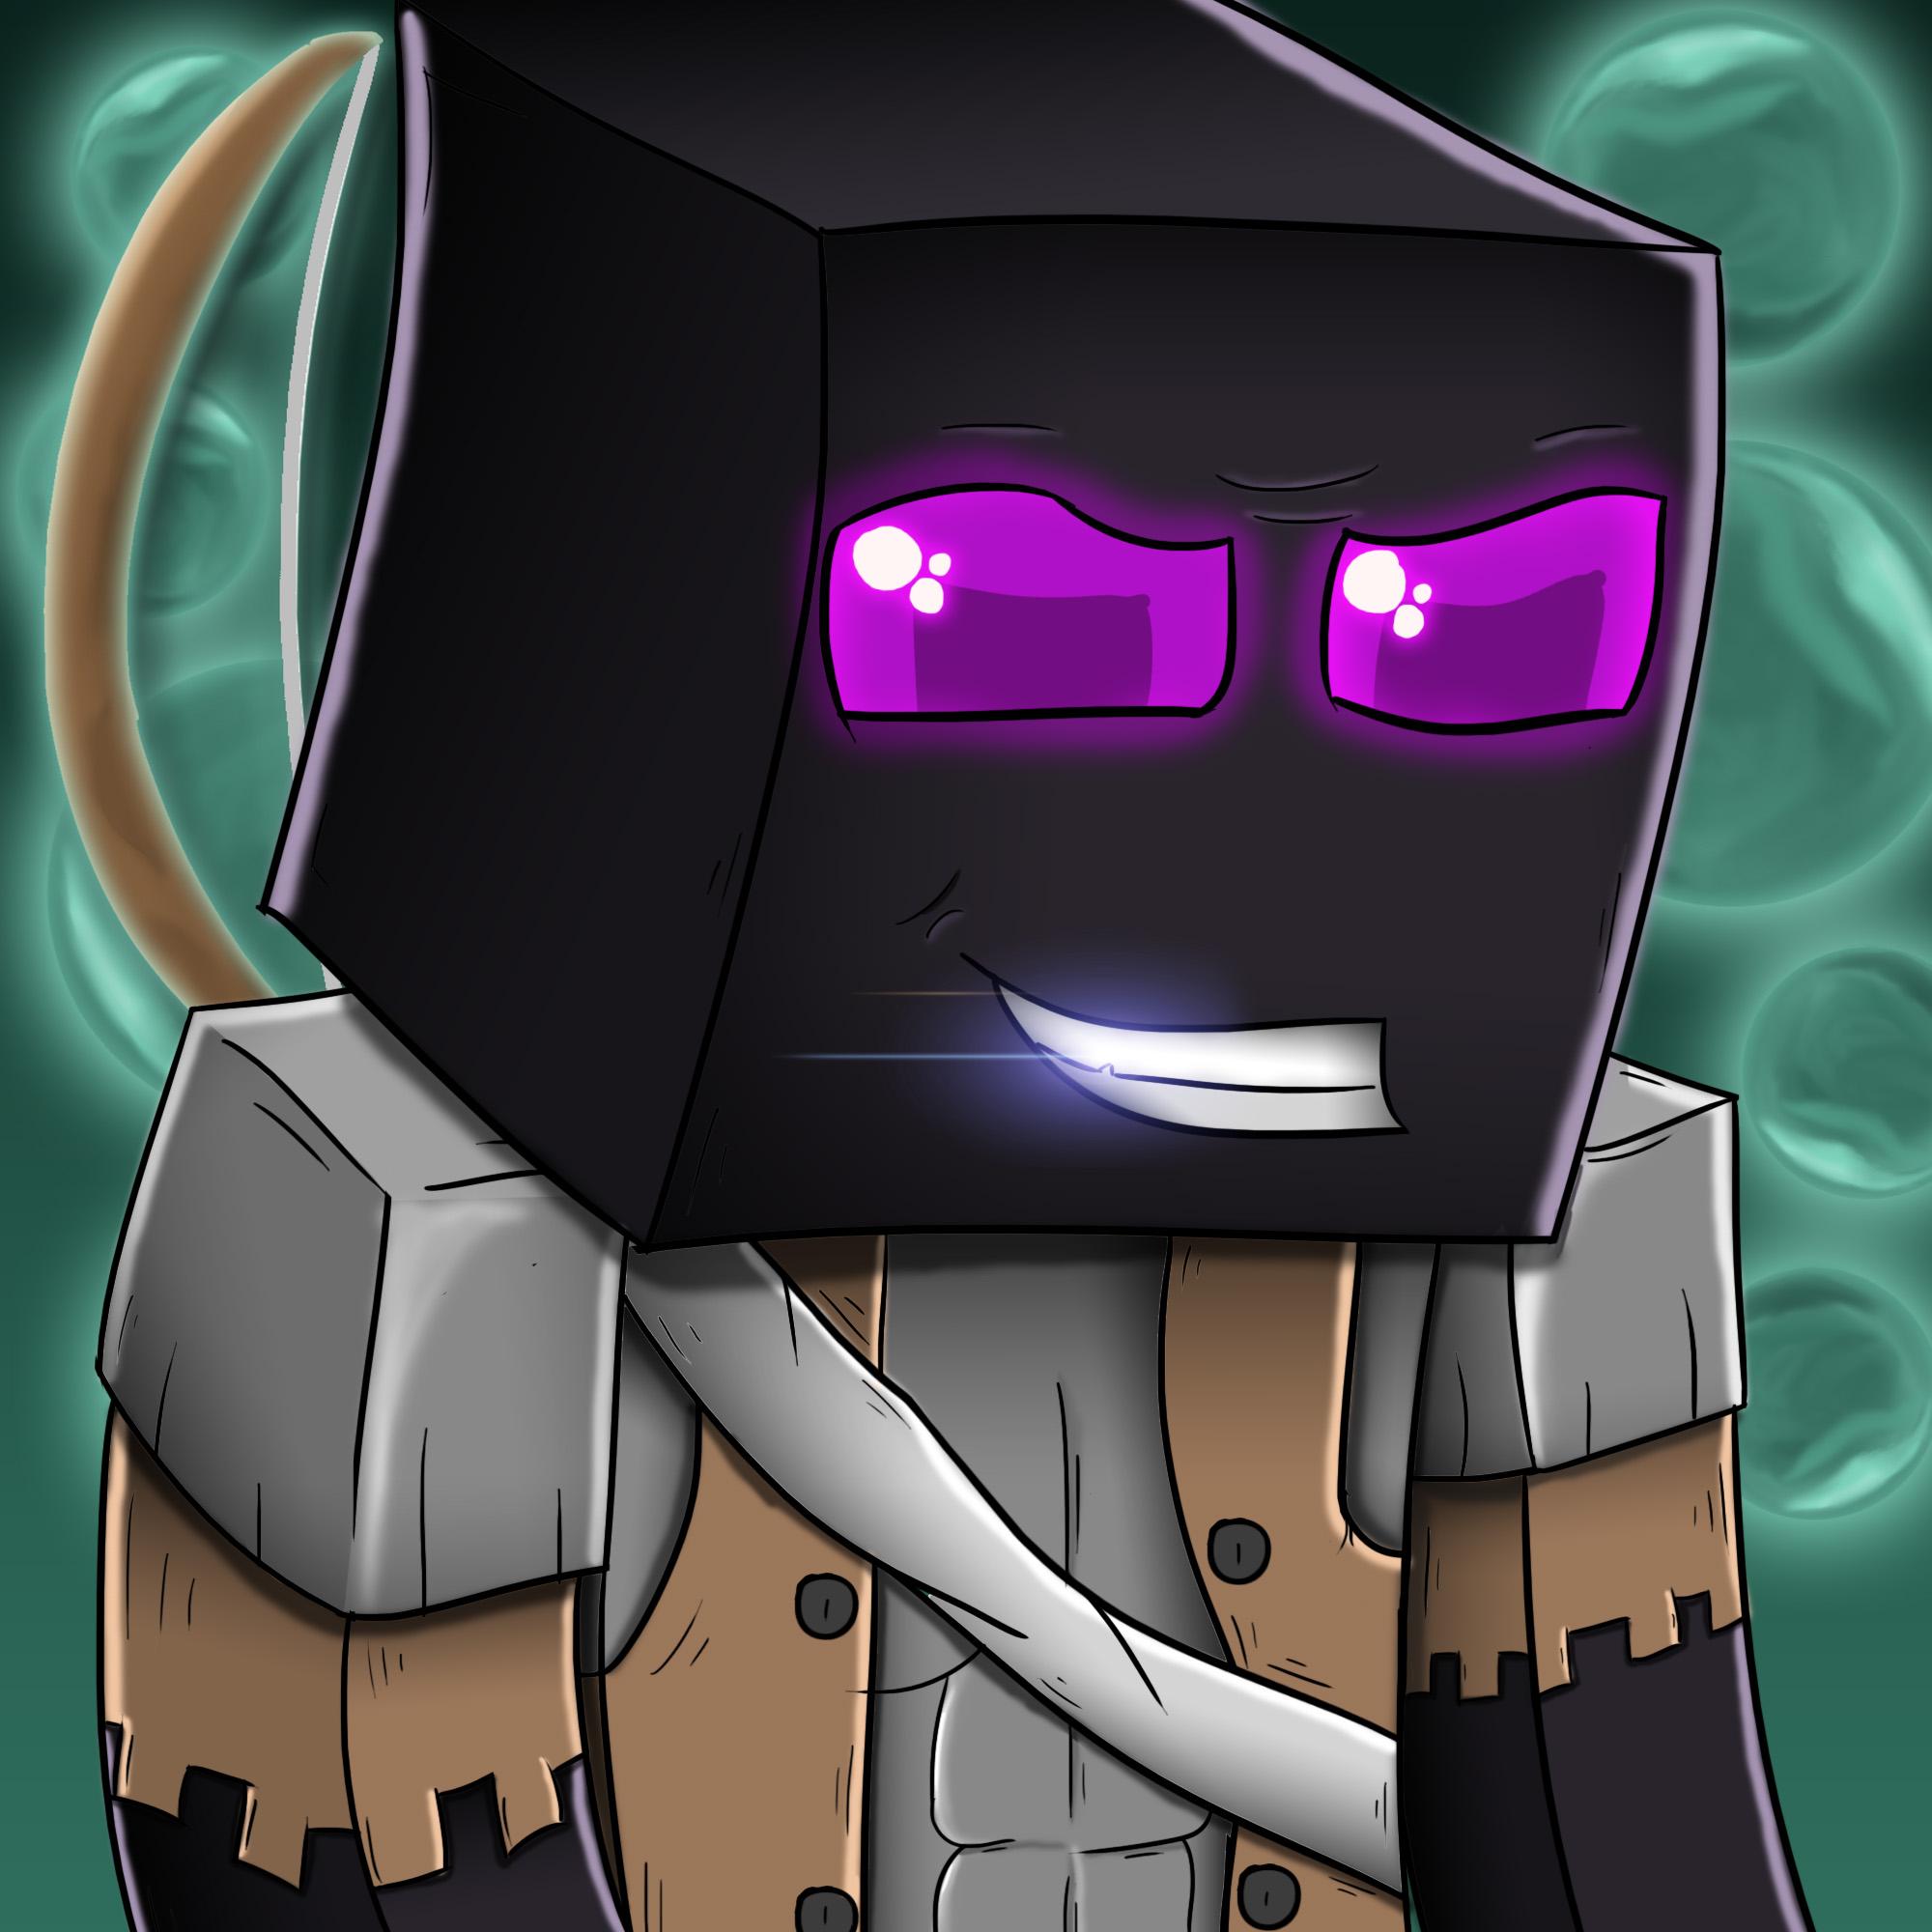 картинки майнкрафт на аватарку #7